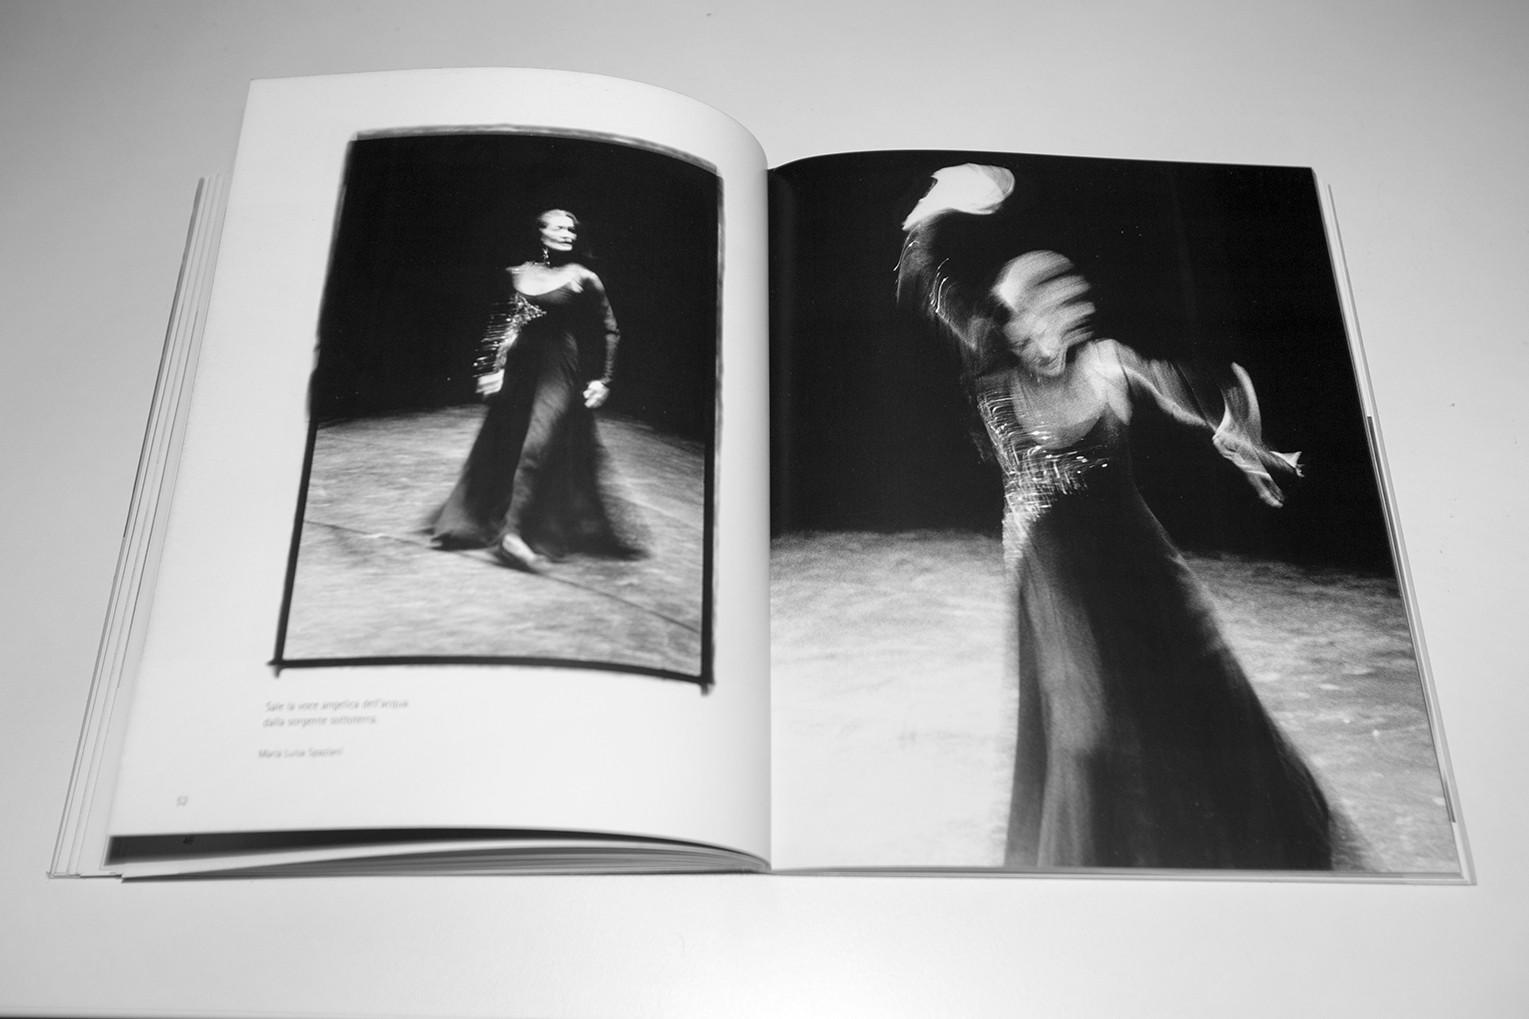 'Solo donna-Il Tempo dell'acqua', Teatro Goldoni, Venezia, Italy 1999